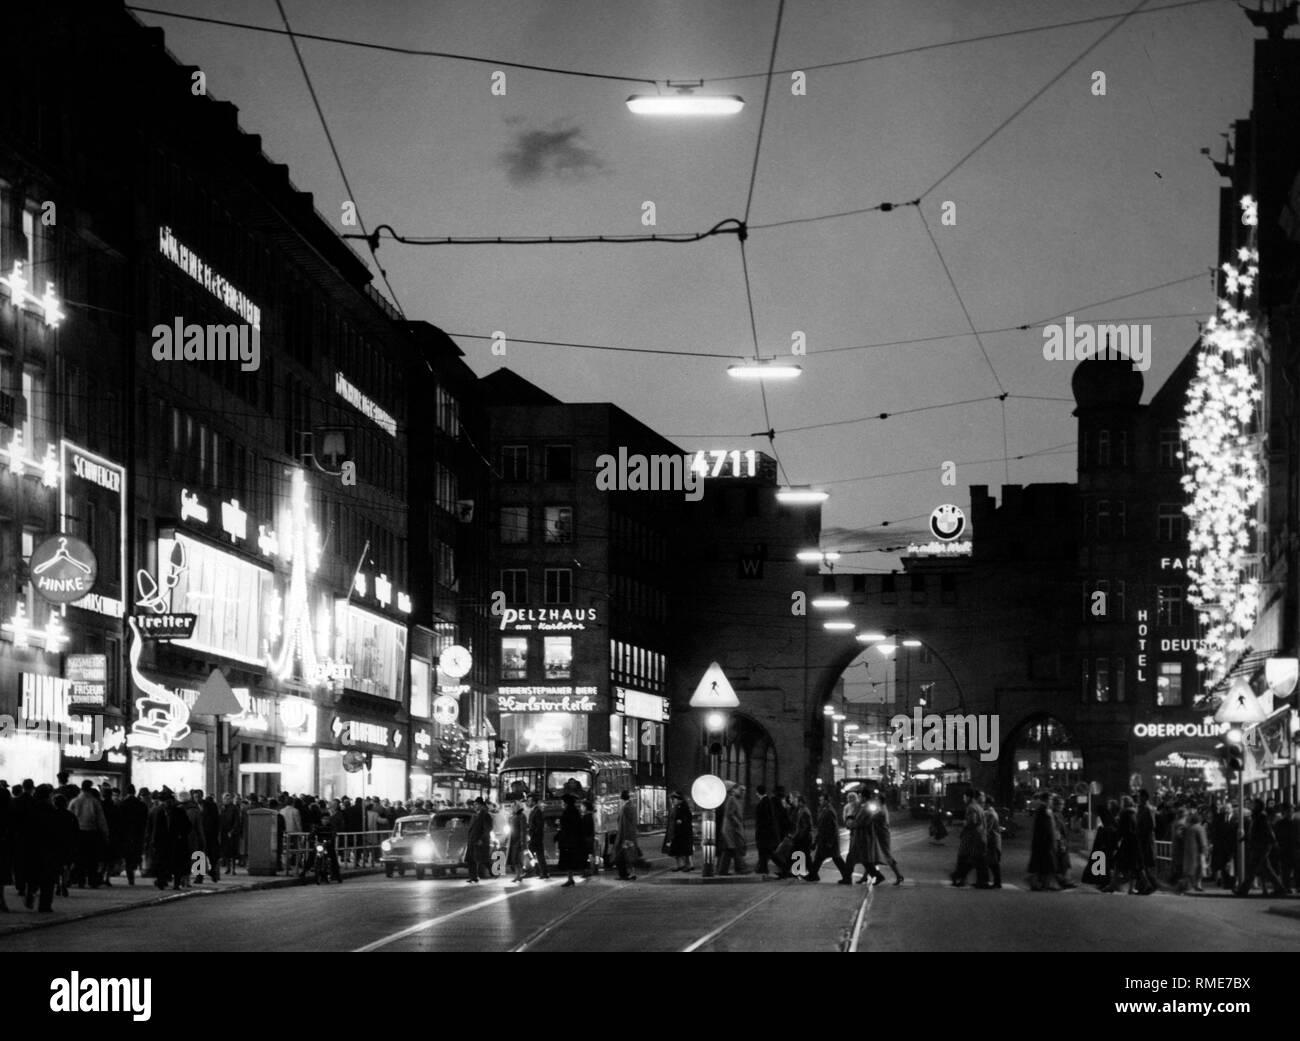 Weihnachtsbeleuchtung München.Weihnachtsbeleuchtung In Der Neuhauser Straße In München Vor Dem